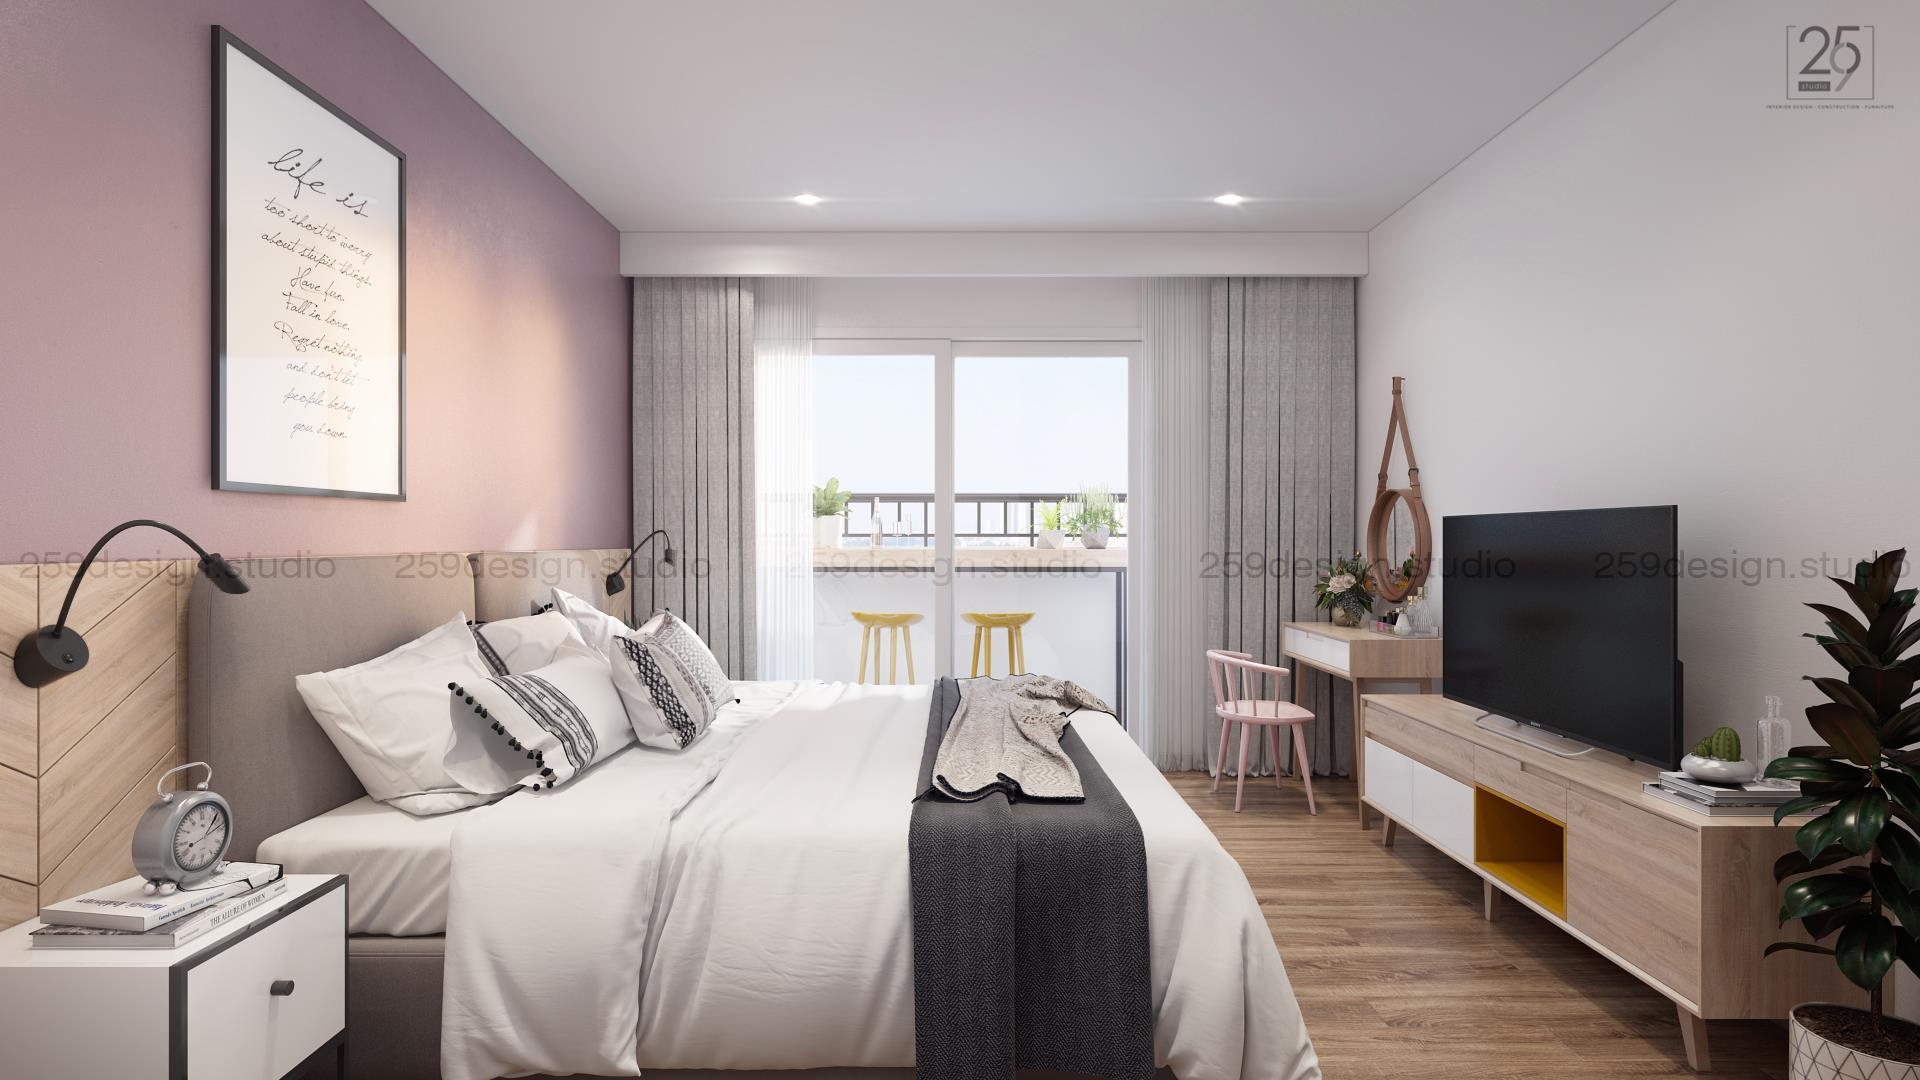 Mẫu thiết kế nội thất căn hộ đẹp với điểm nhấn màu pastel - Nhà Đẹp Số (10)